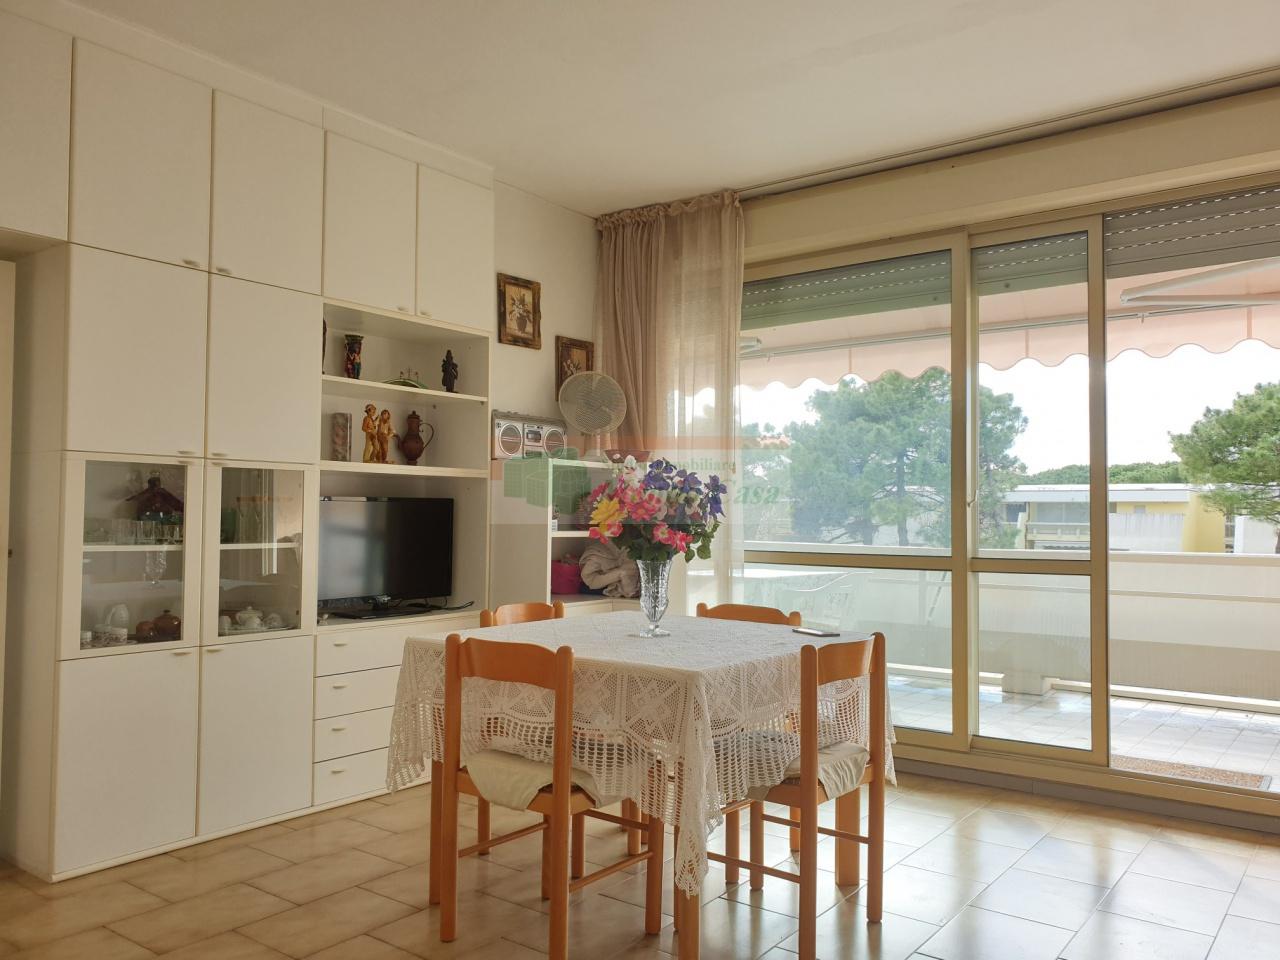 Appartamento quadrilocale in vendita a Ravenna (RA)